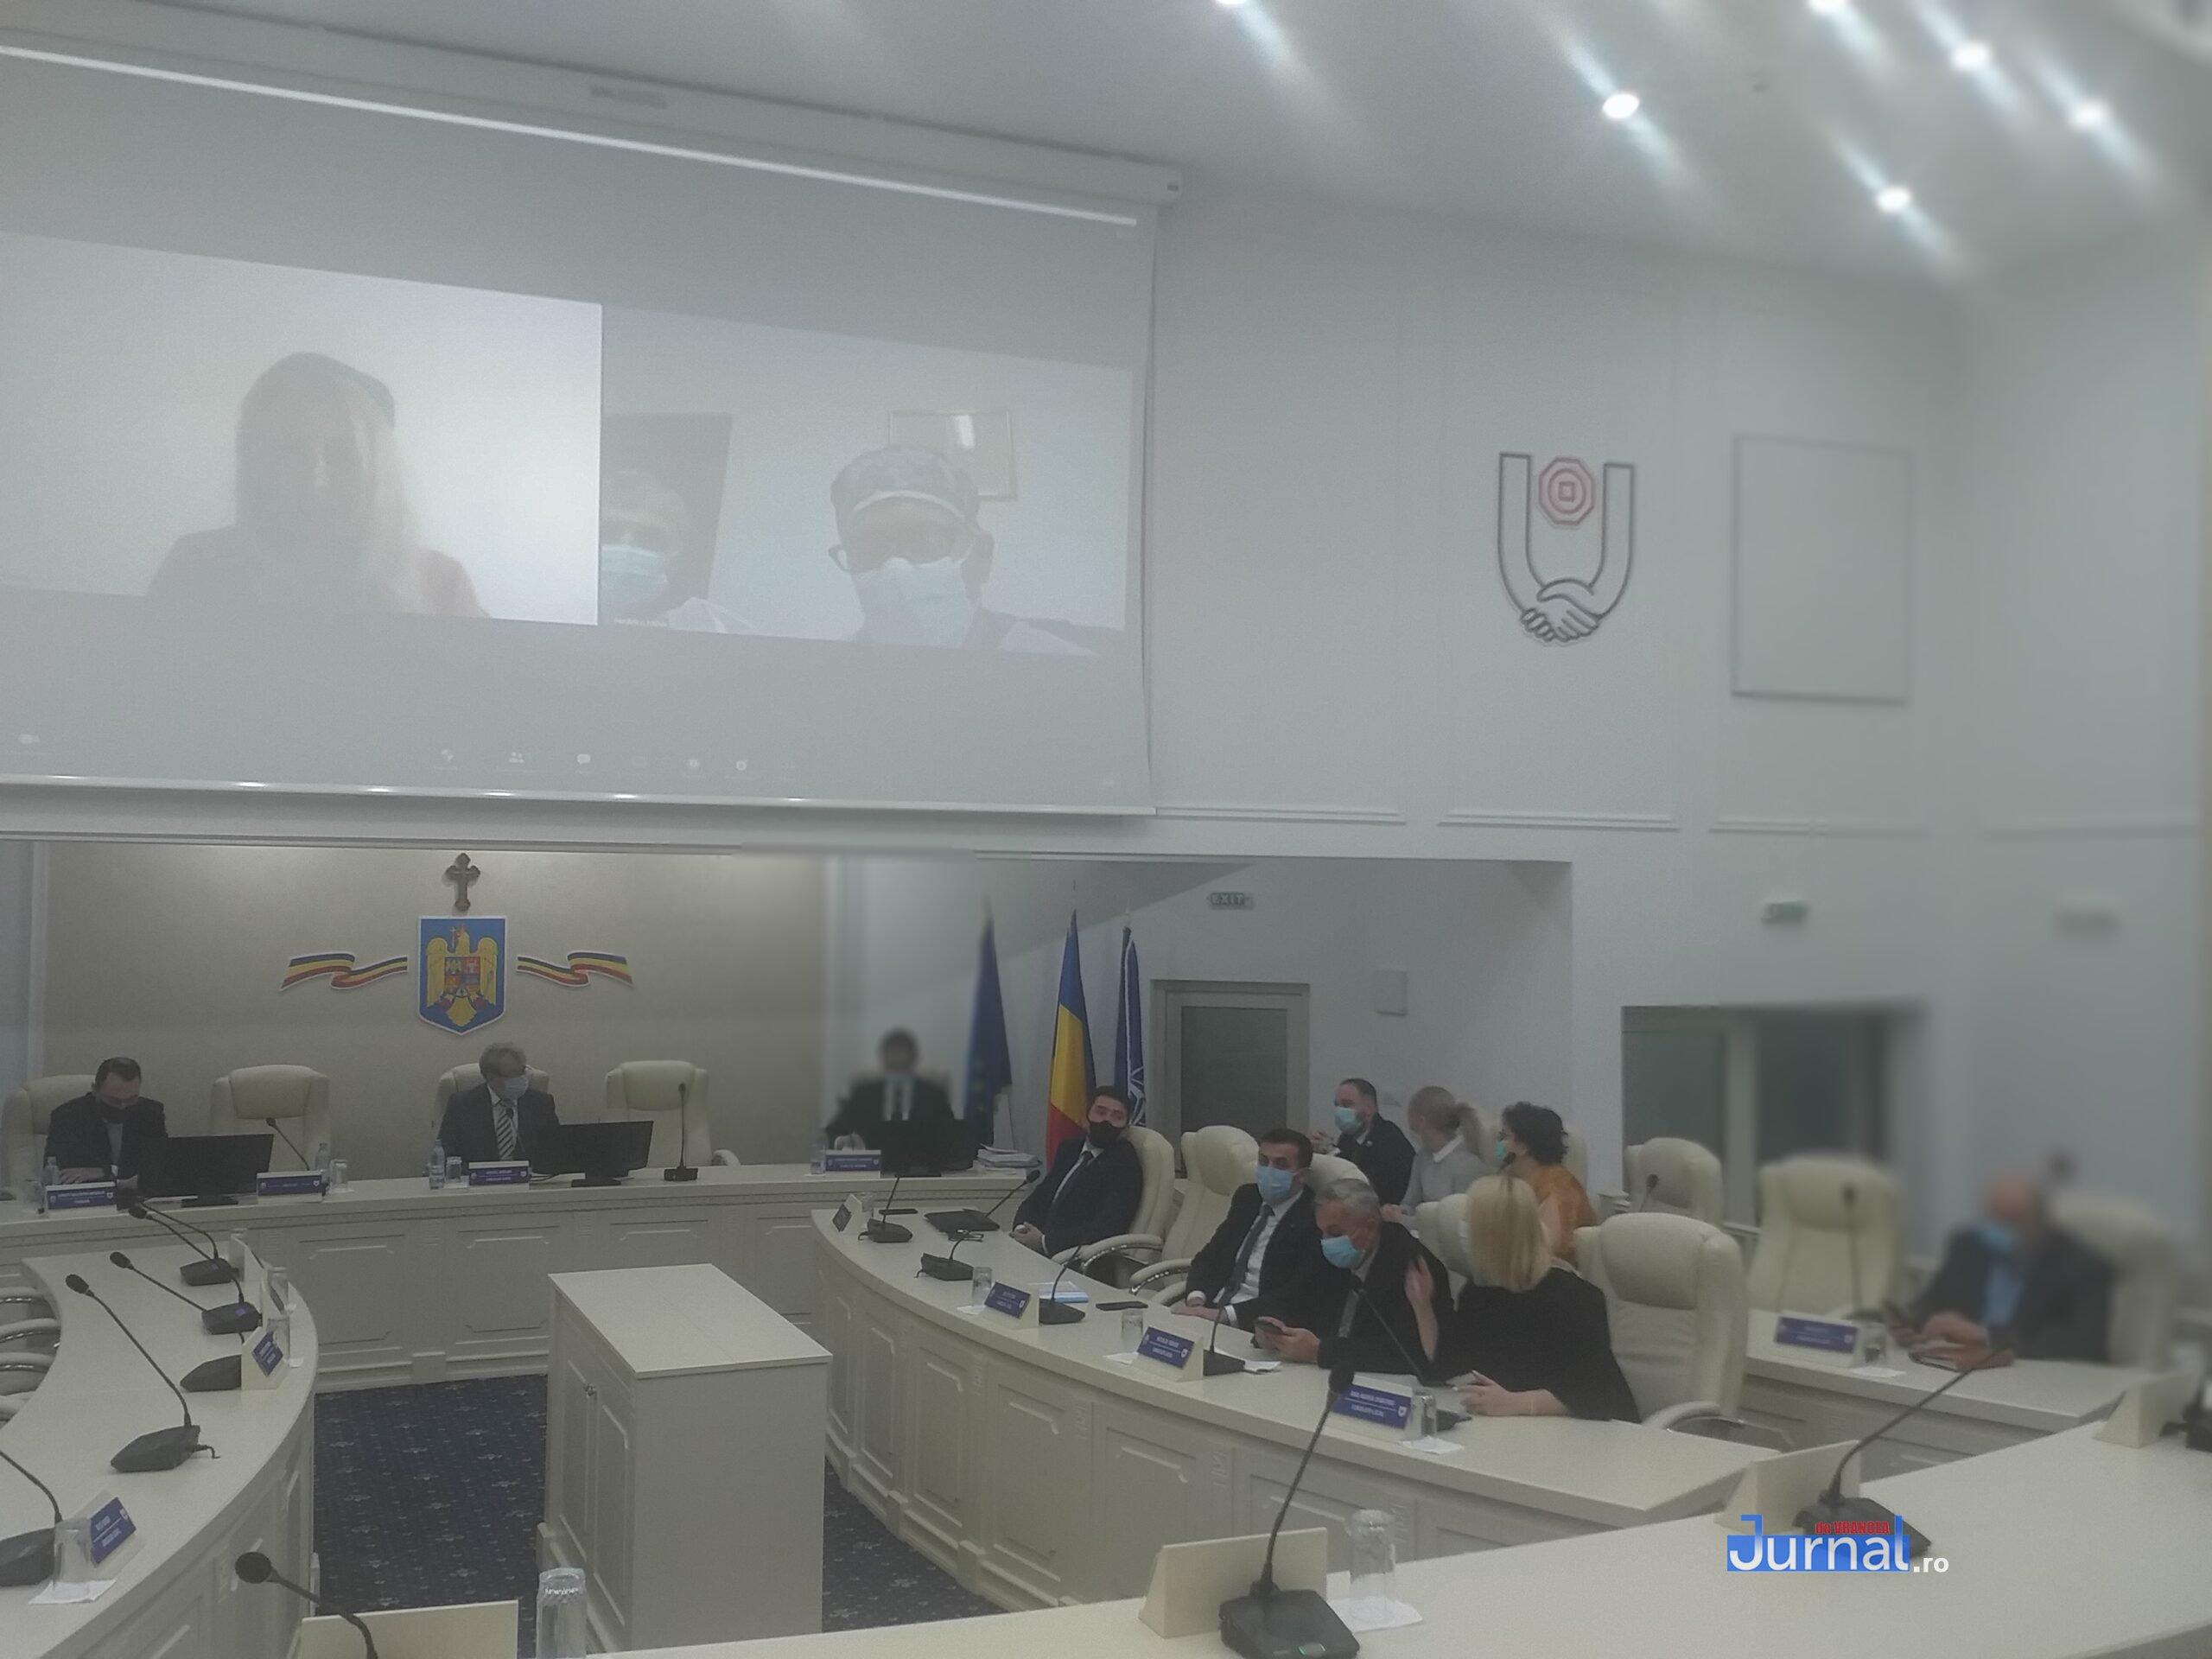 ULTIMĂ ORĂ: Proiectele pentru alegerea viceprimarilor, din nou un eșec la Focșani | Jurnal de Vrancea – Stiri din Vrancea si Focsani